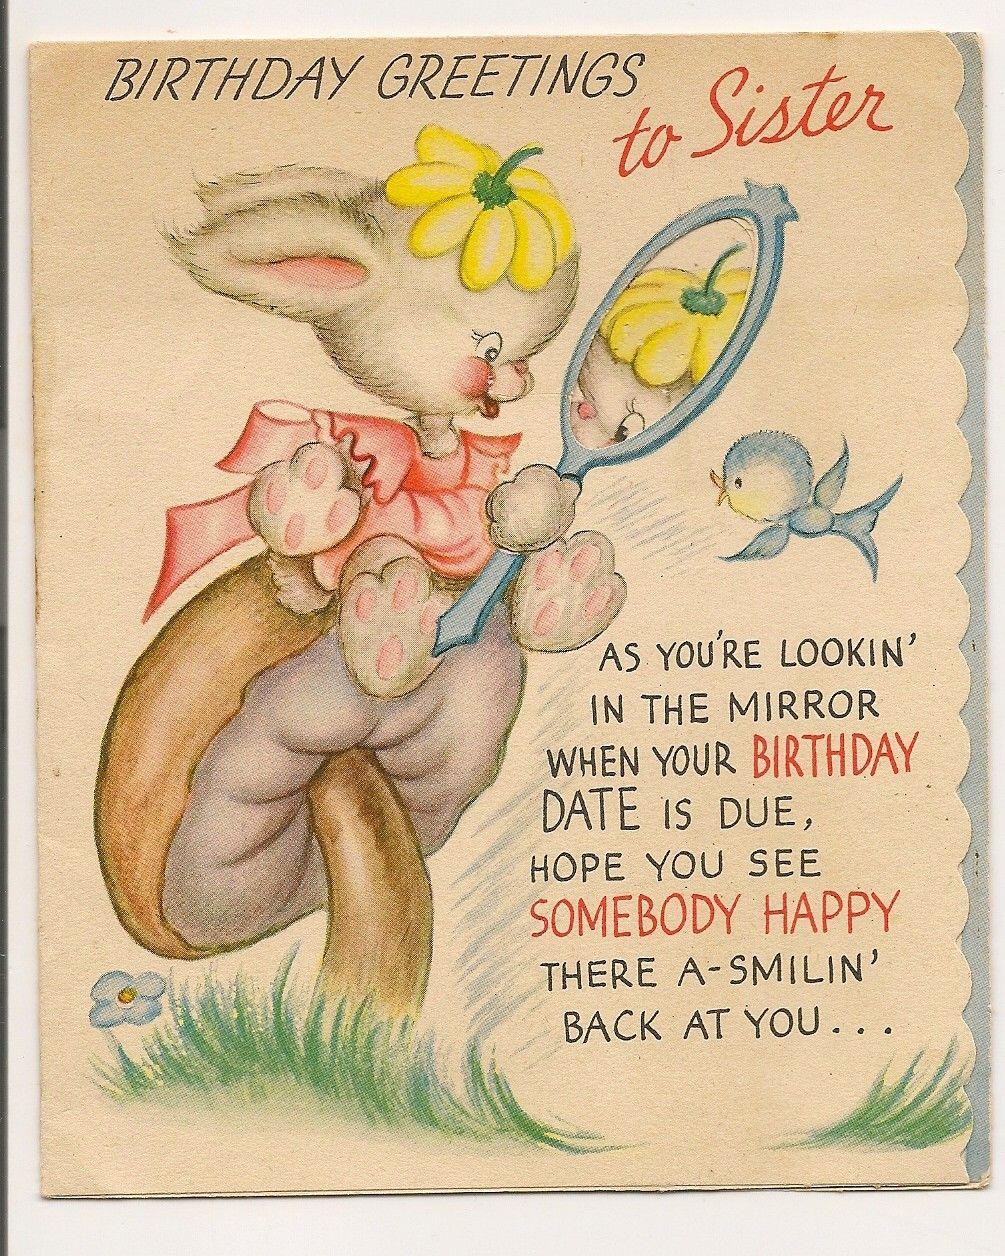 Vintage Birthday Greetings Card To Sister